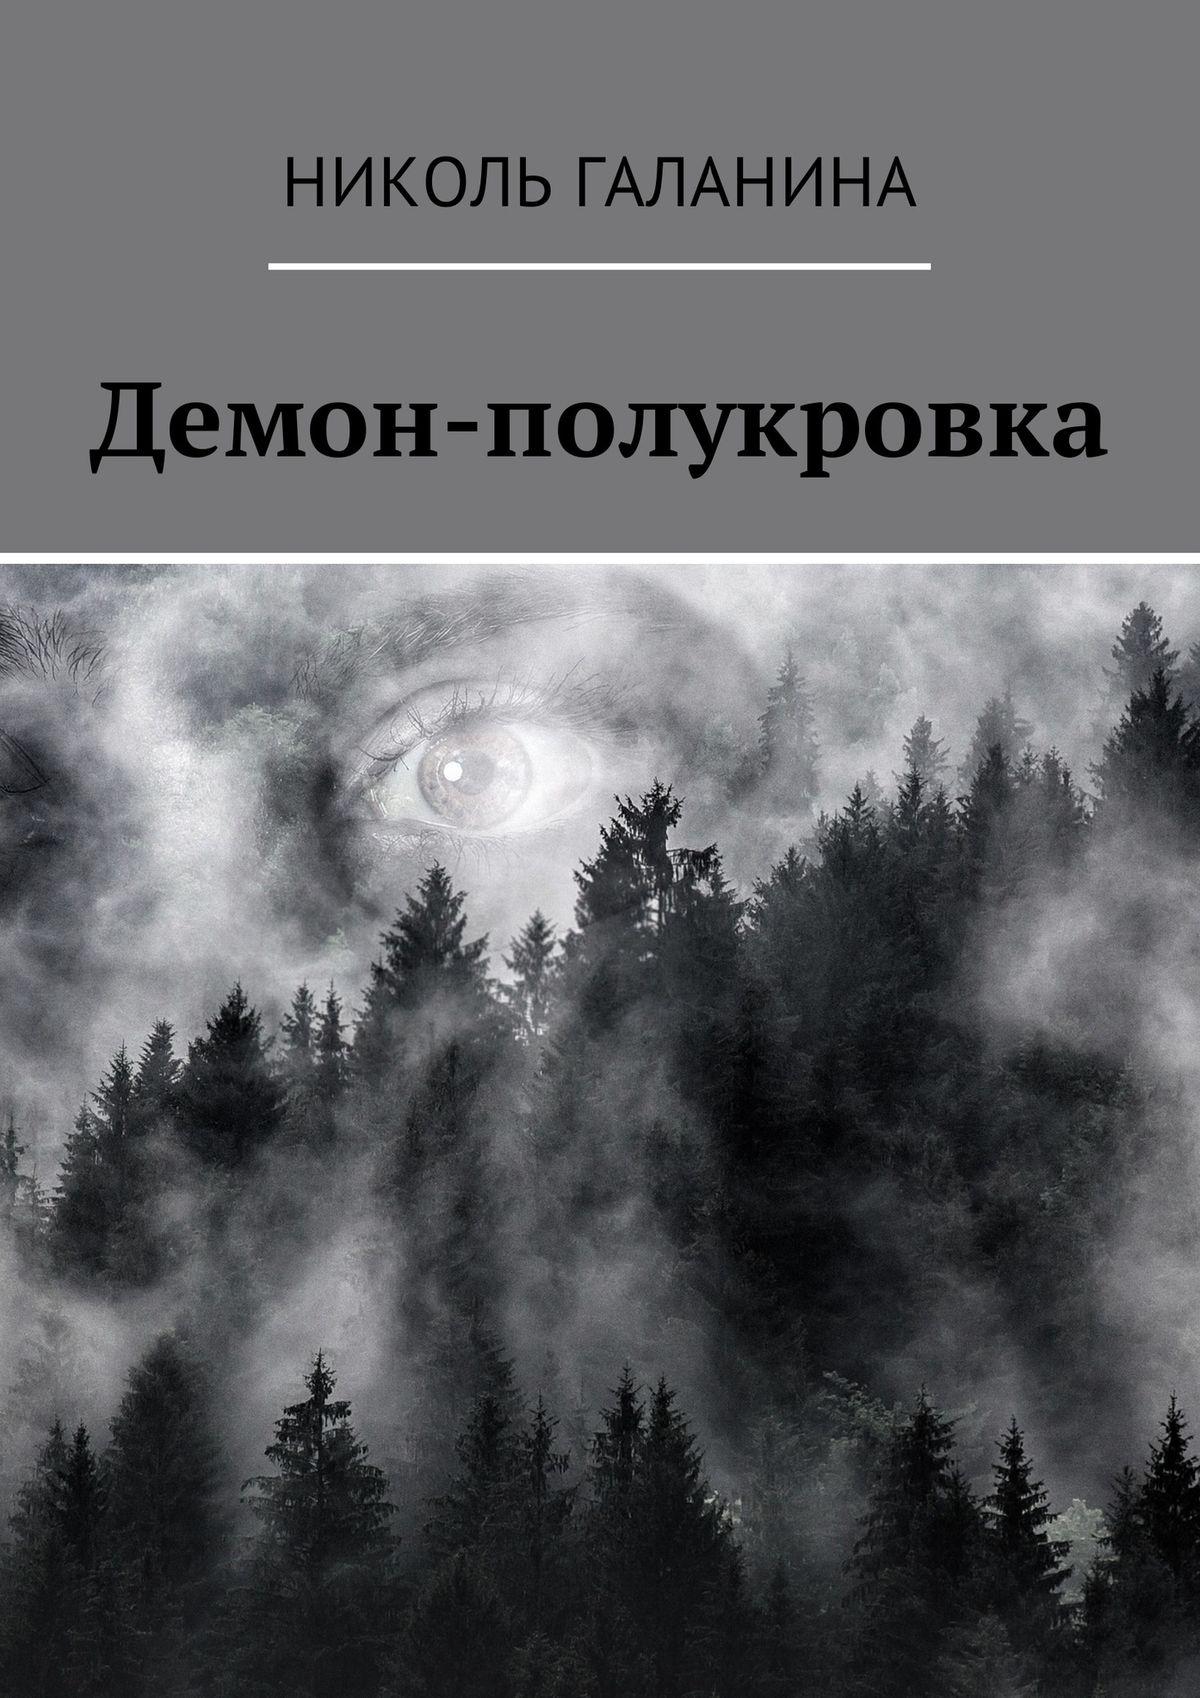 Николь Галанина Демон-полукровка троемирье игры с демонами